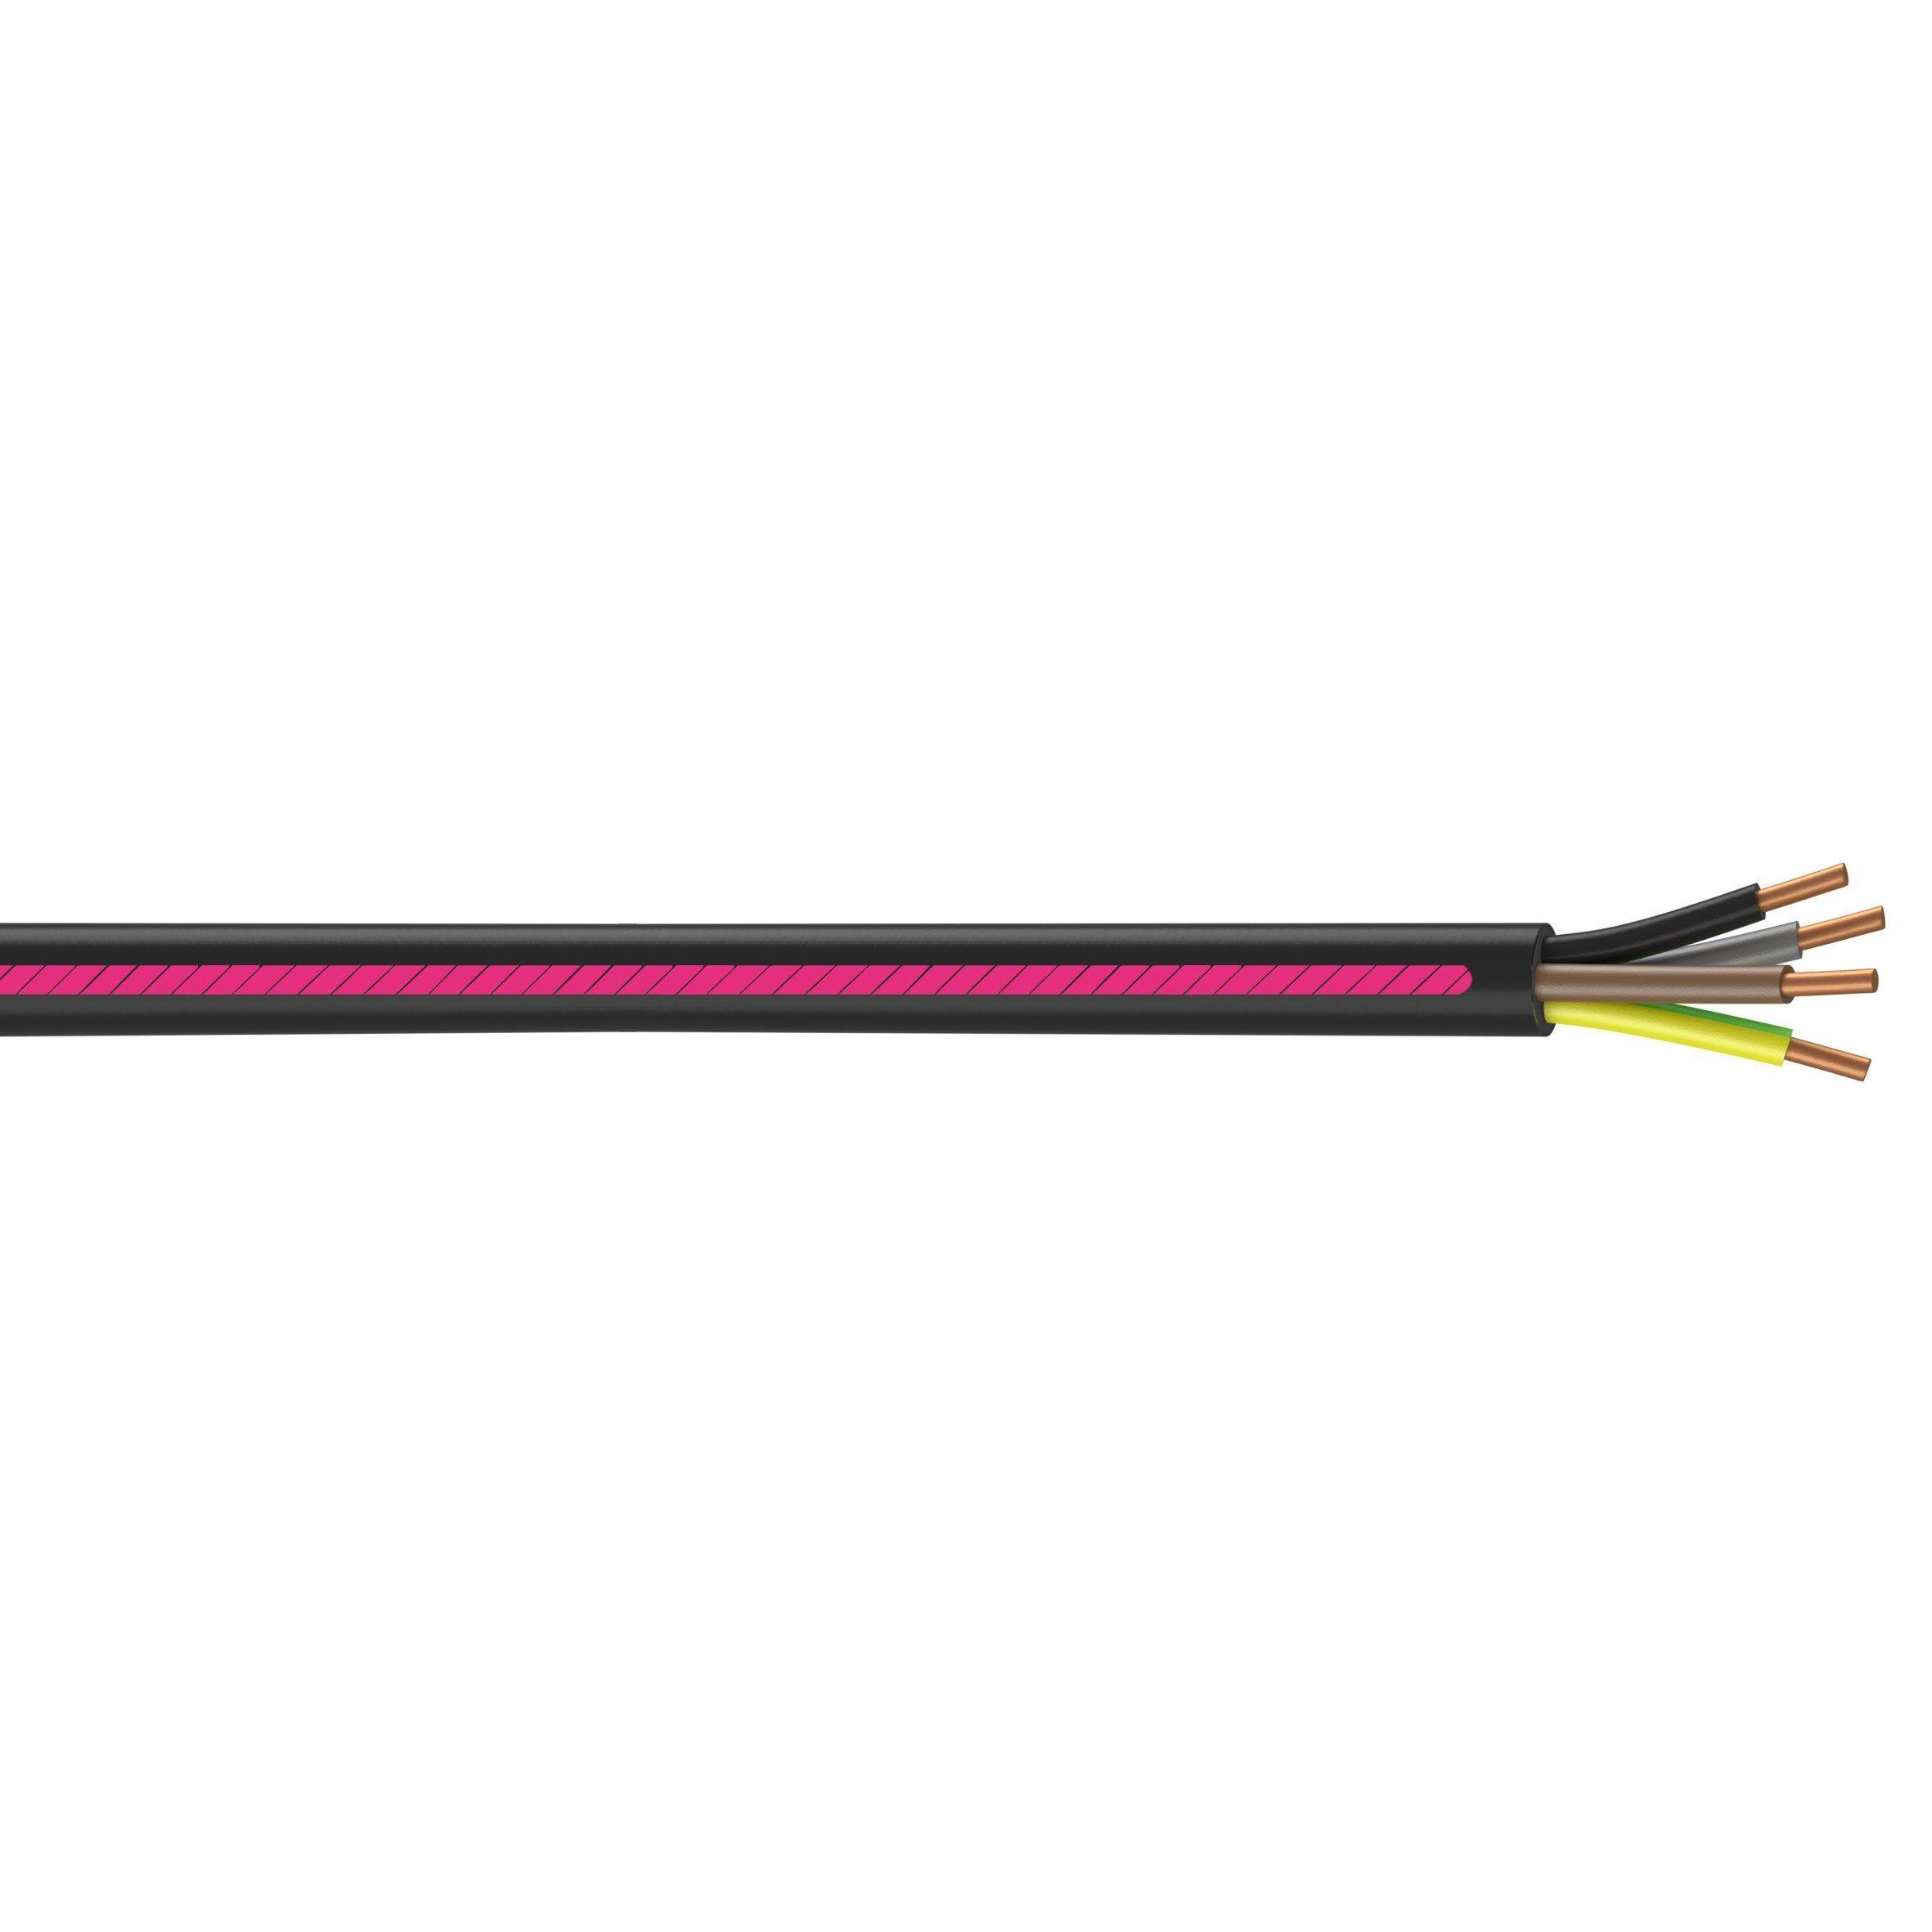 Cable Electrique 4 G 1 5 Mm U1000r2v 5 M Noir En Couronne Nexans Cable Electrique Gaine Pvc Et Coupe Noire